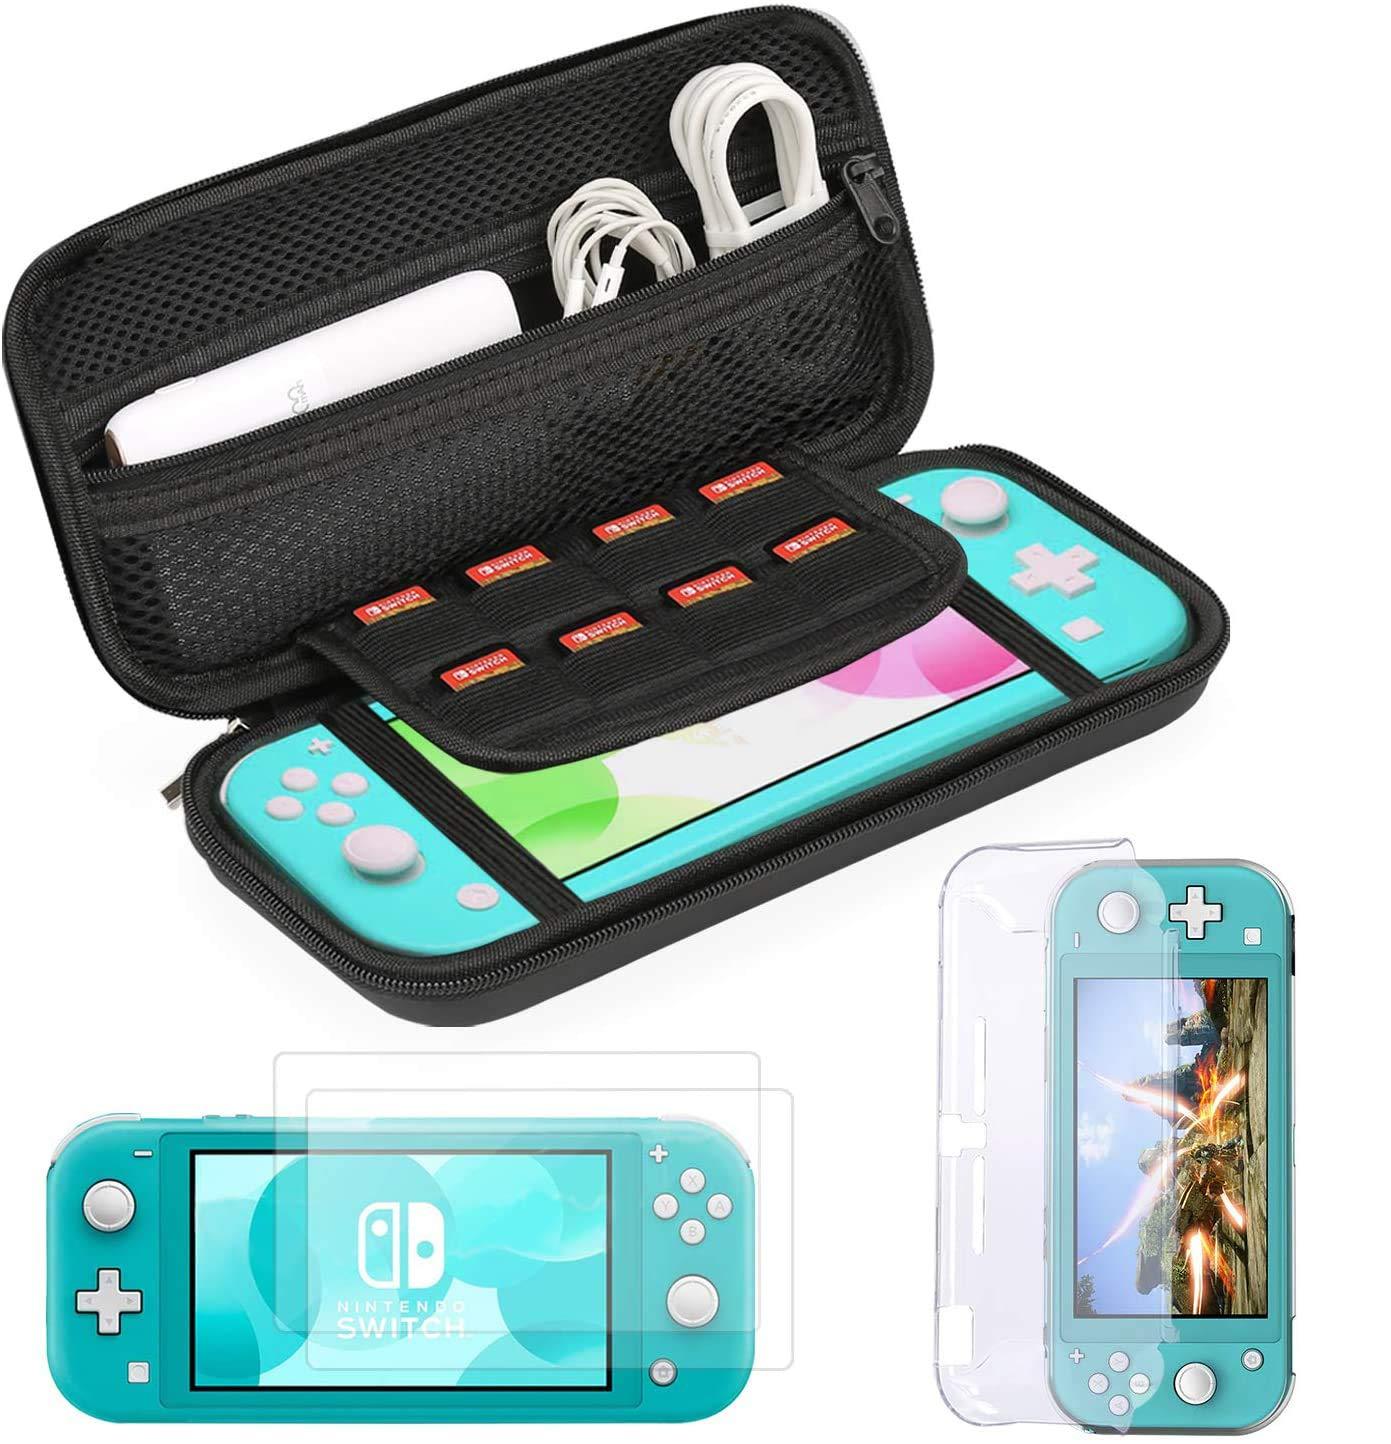 Bestico Kit de Accesorios para Nintendo Switch Lite, Protección Funda para Nintendo Switch Lite 2019, Transparente Carcasa, Vidrio Templado Protector de Pantalla para Nintendo Switch Lite (2 Piezas): Amazon.es: Electrónica